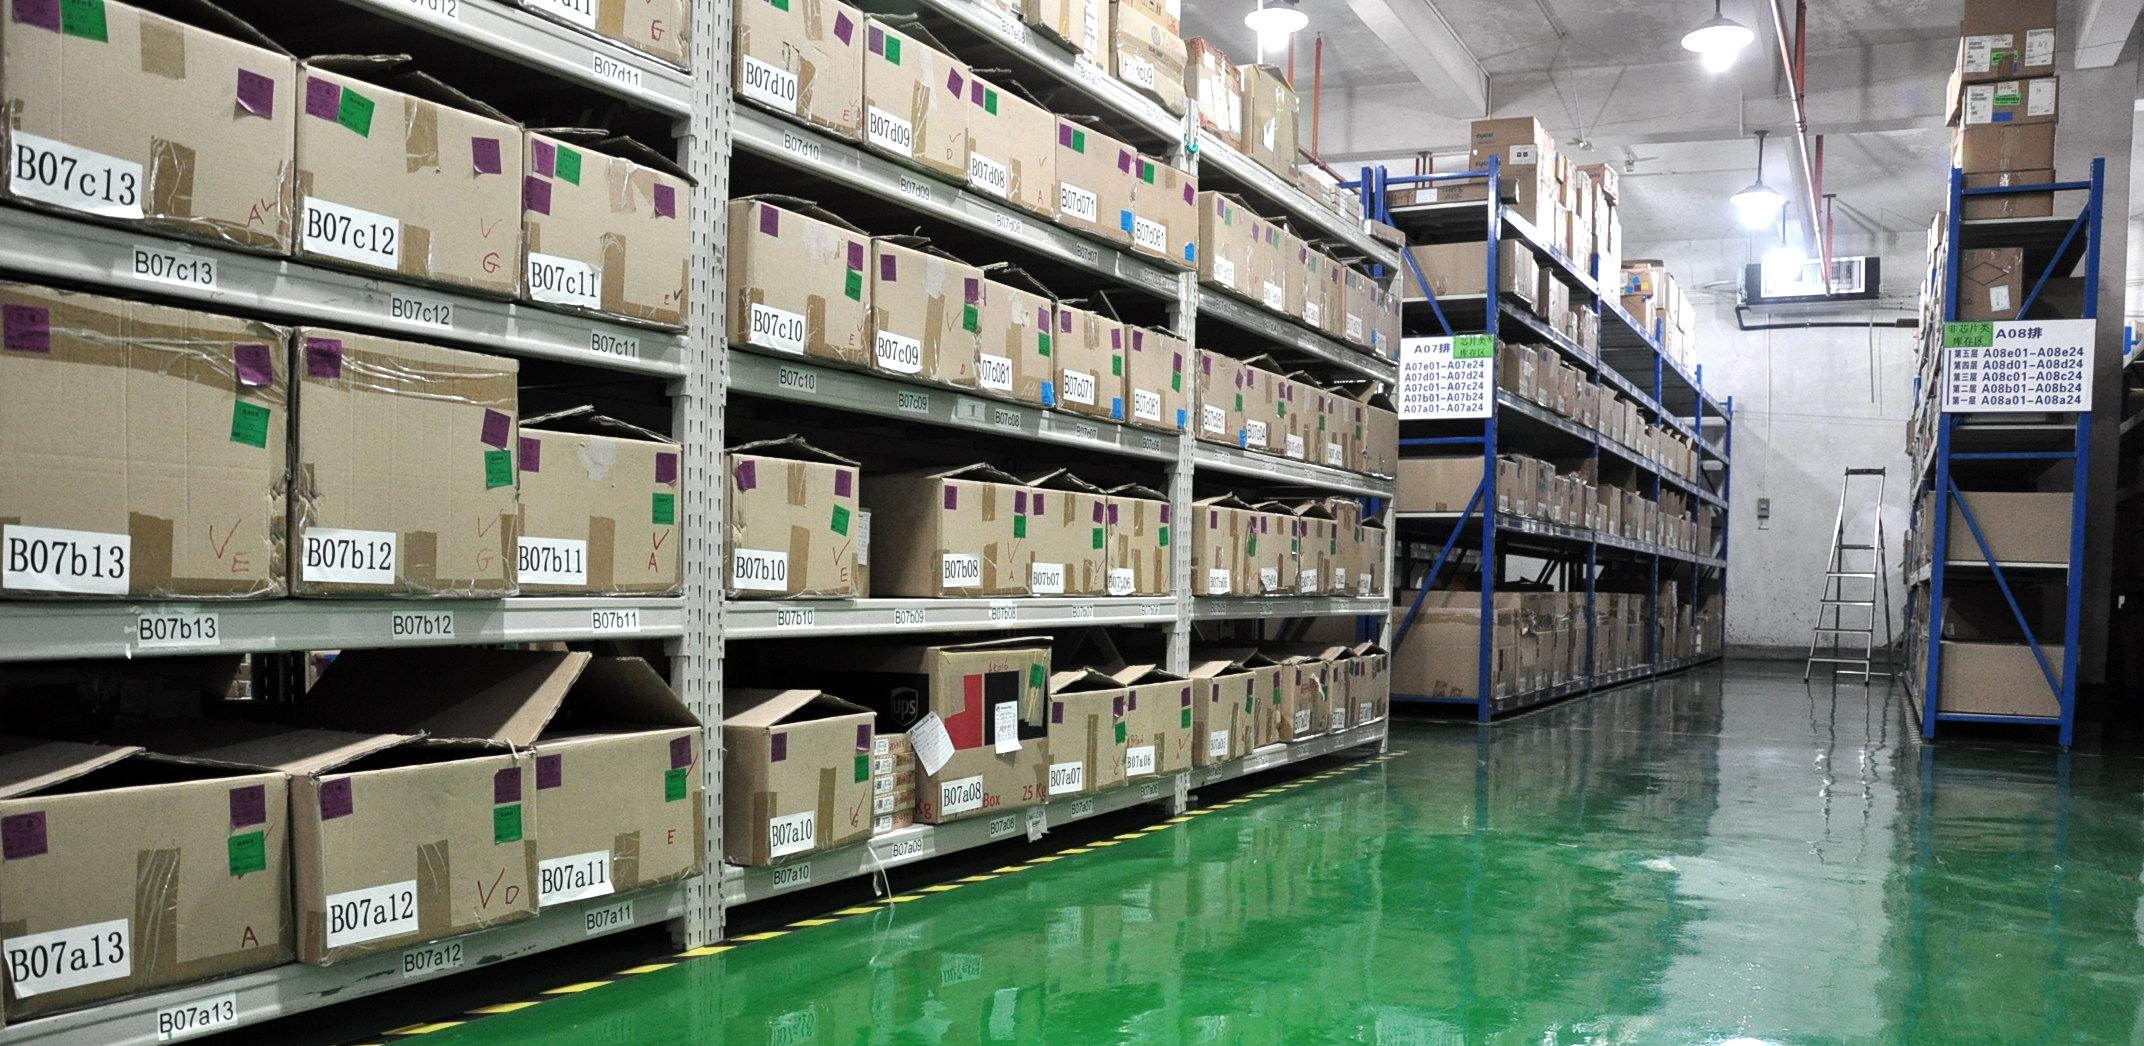 有芯电子仓储和物流服务